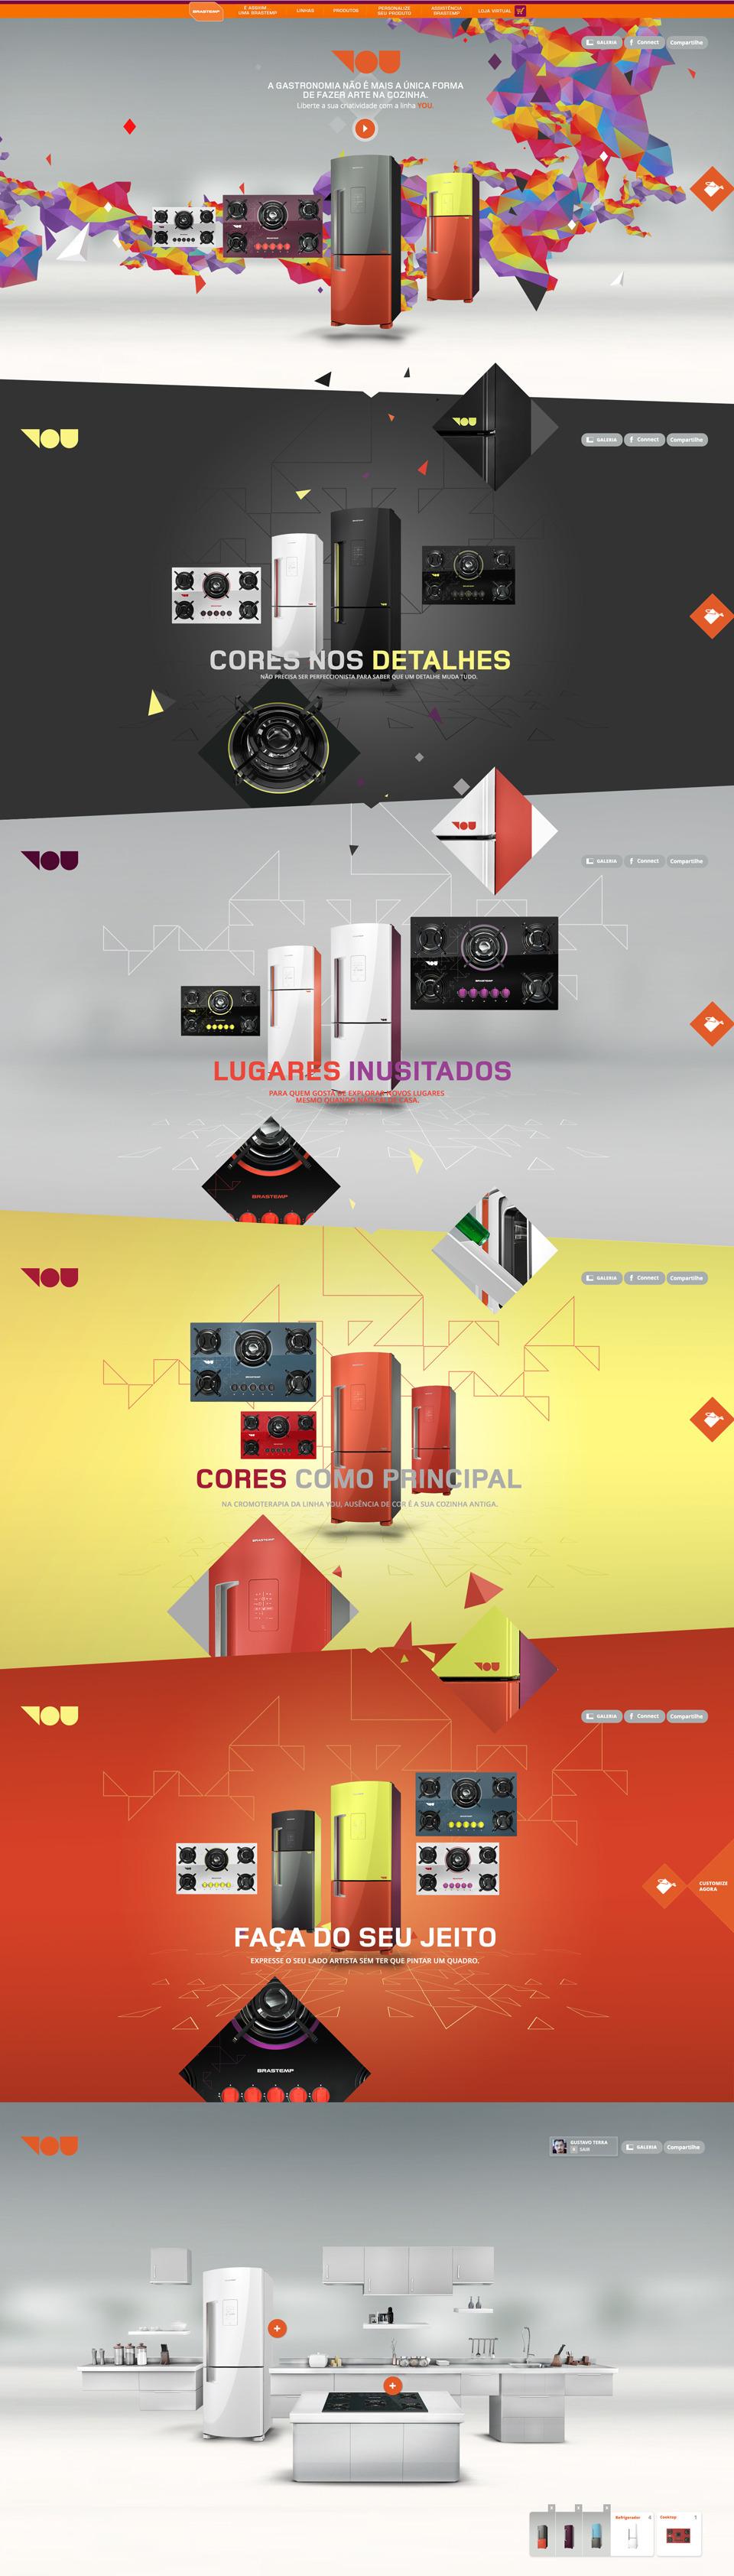 Cargo Web Design